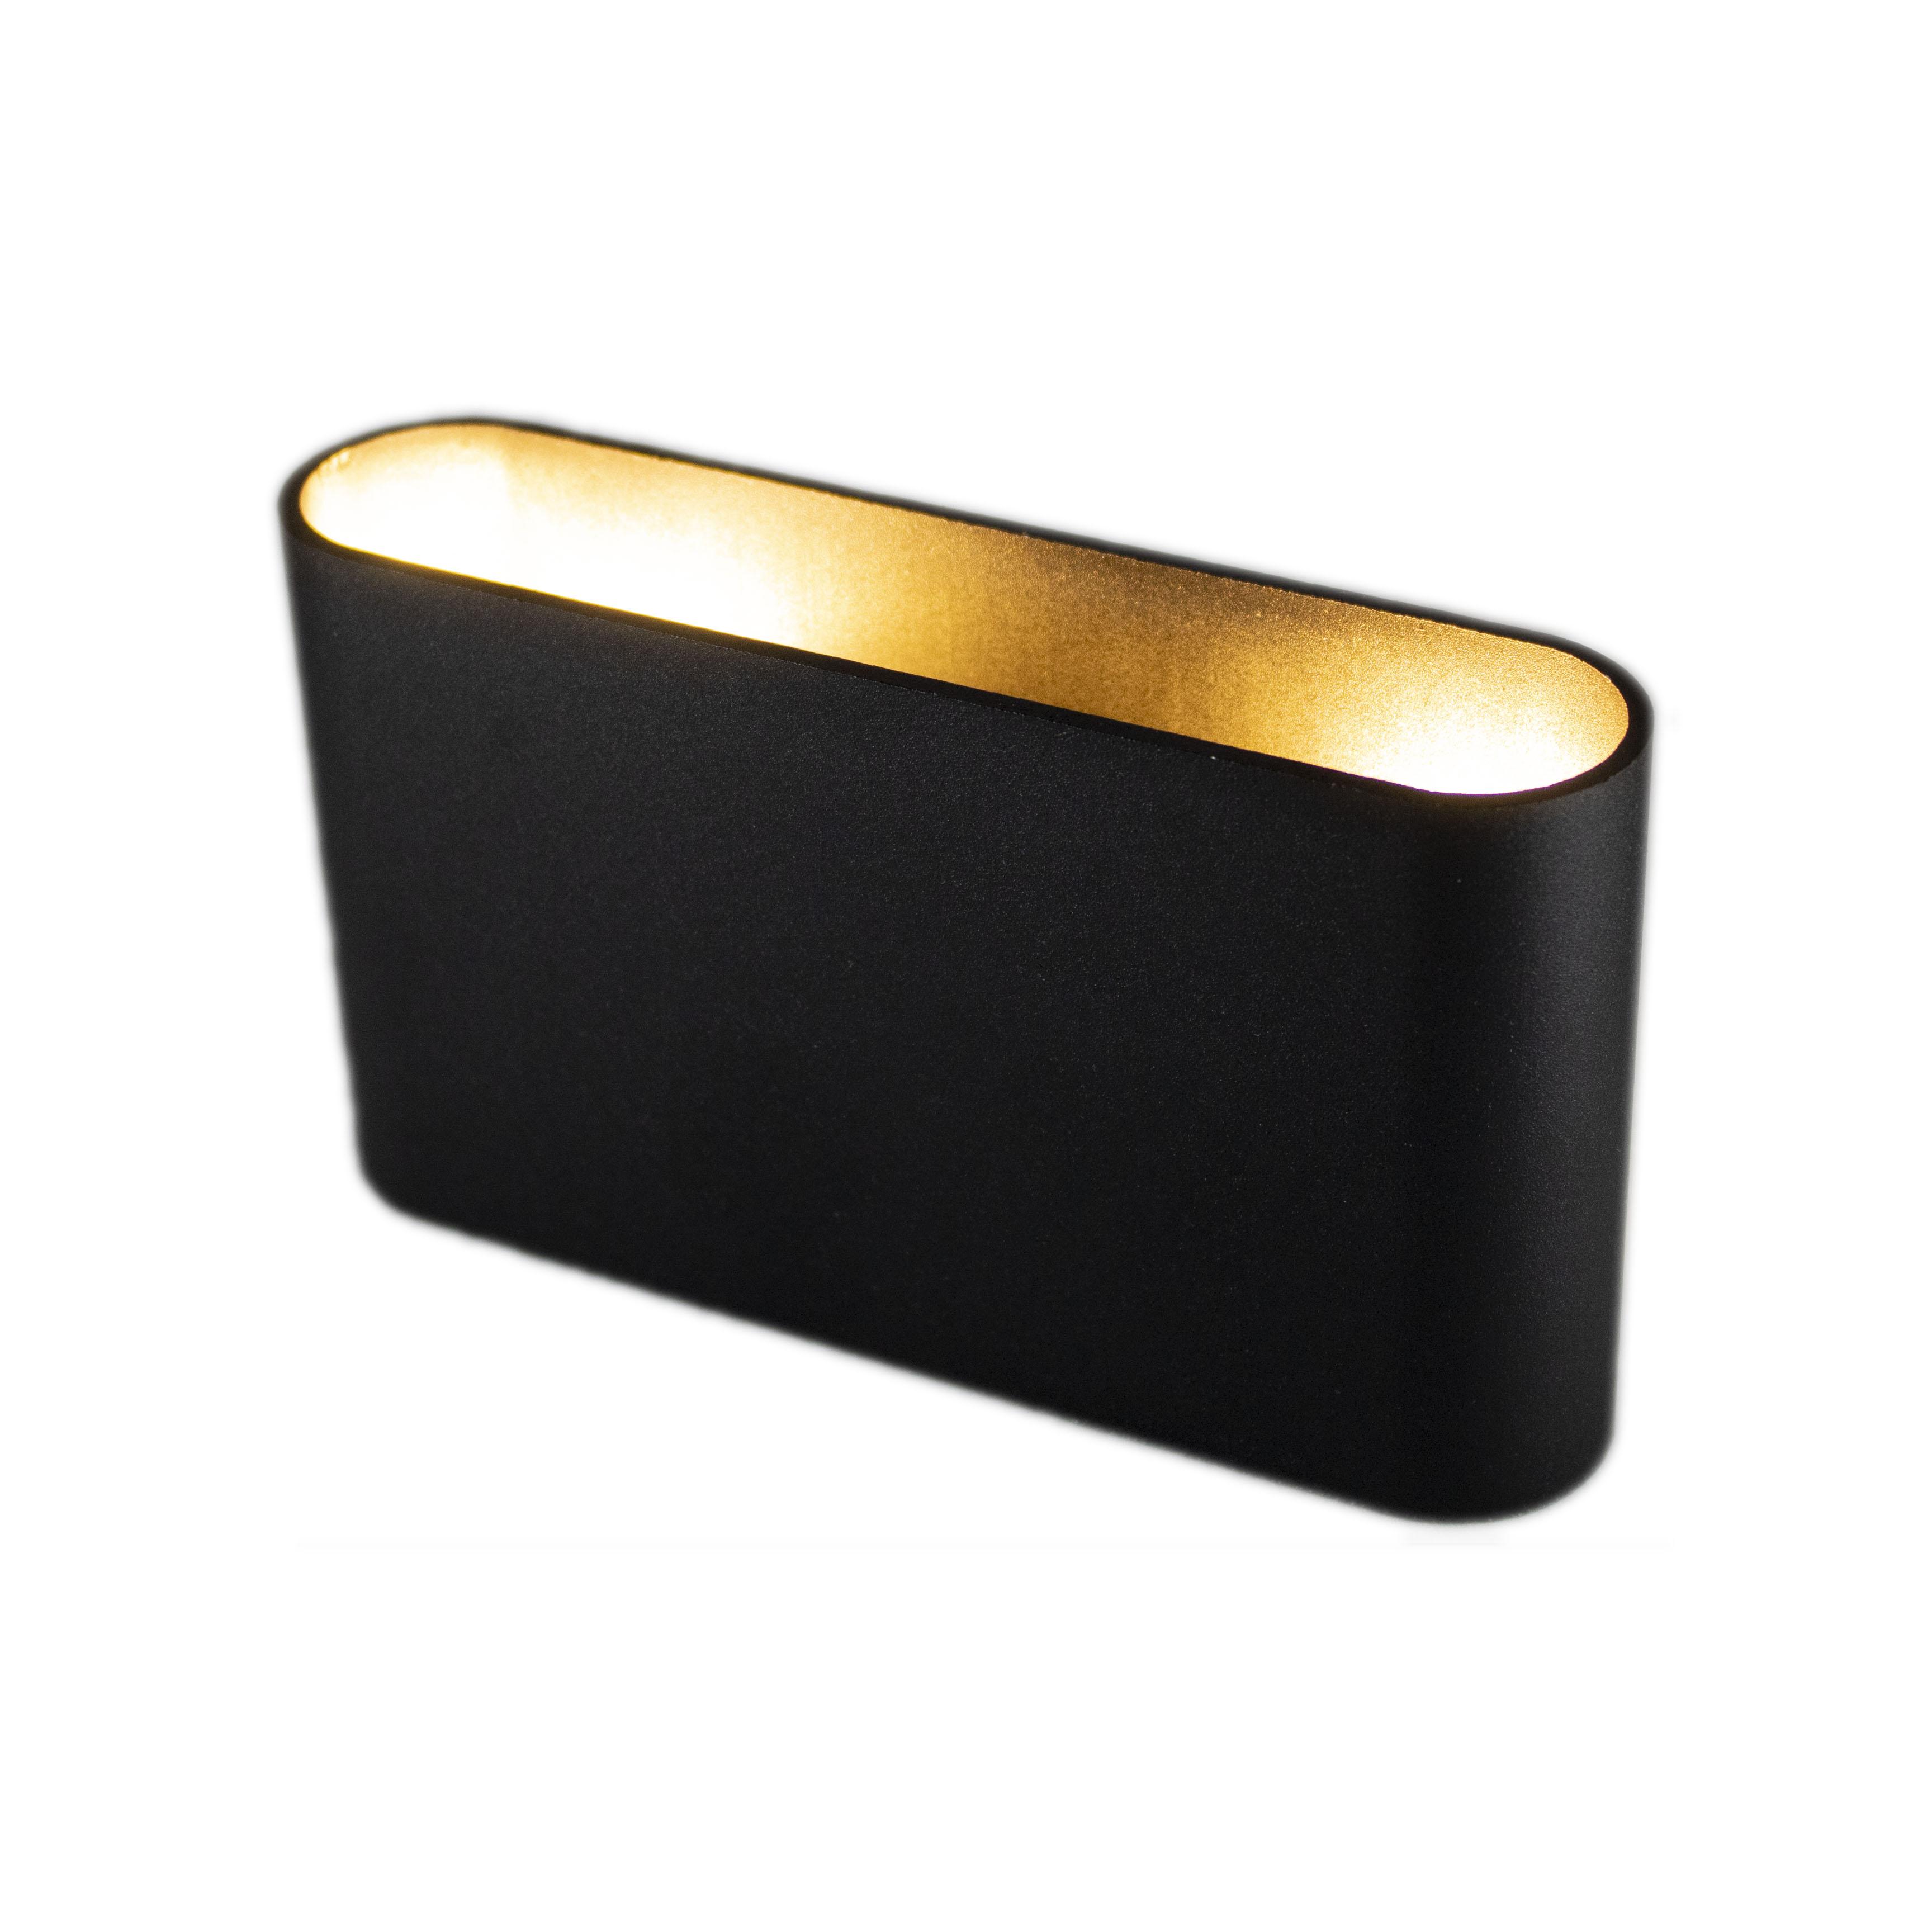 Zwarte wandlamp Led goud 2 keer G9 fitting - lamp aan